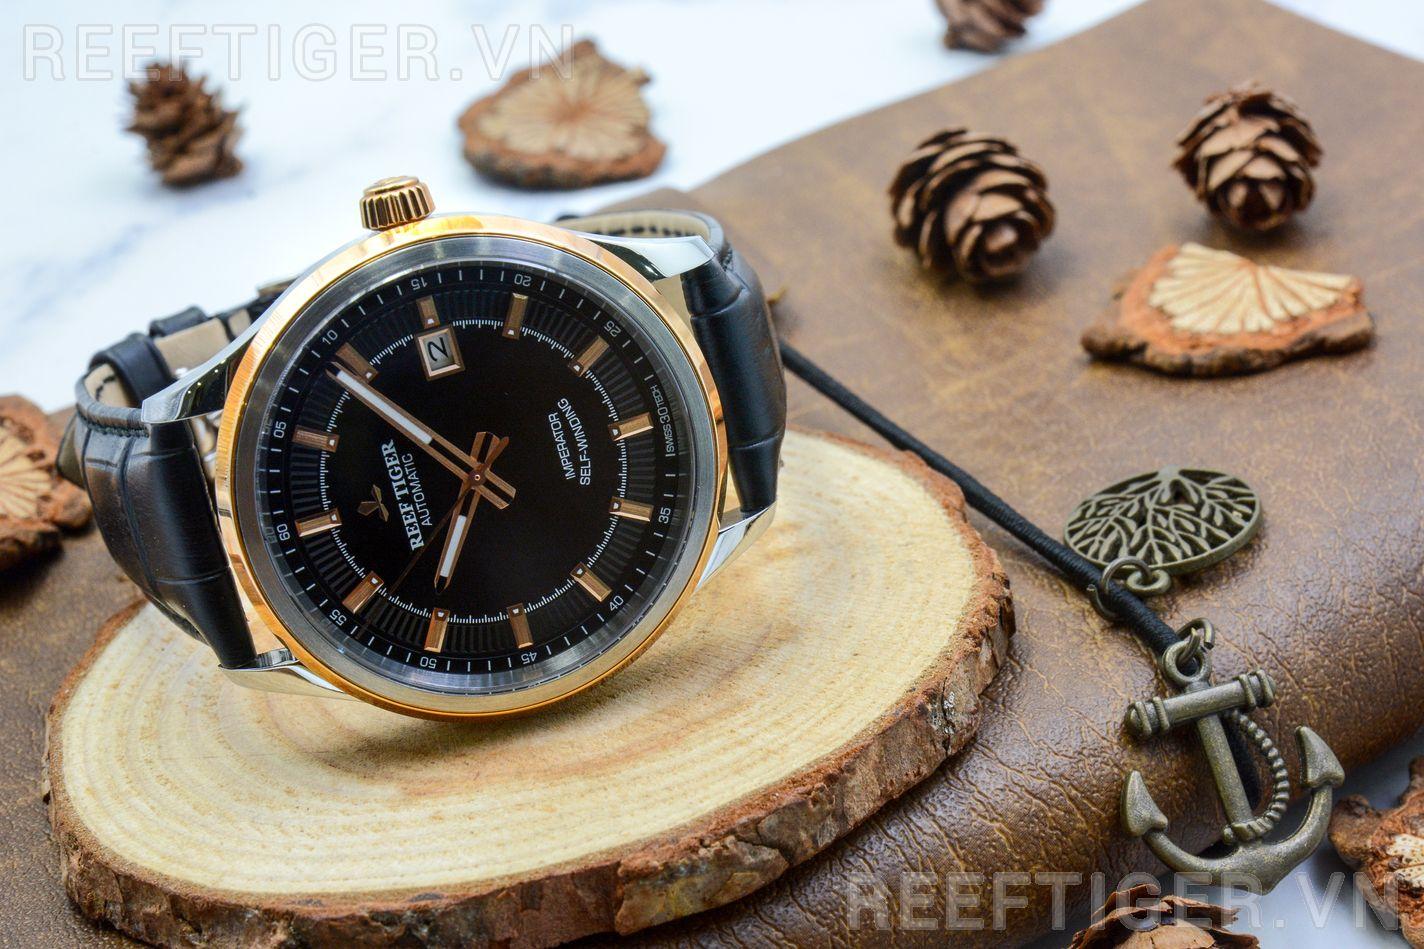 Đồng hồ Reef Tiger RGA8015-PBB